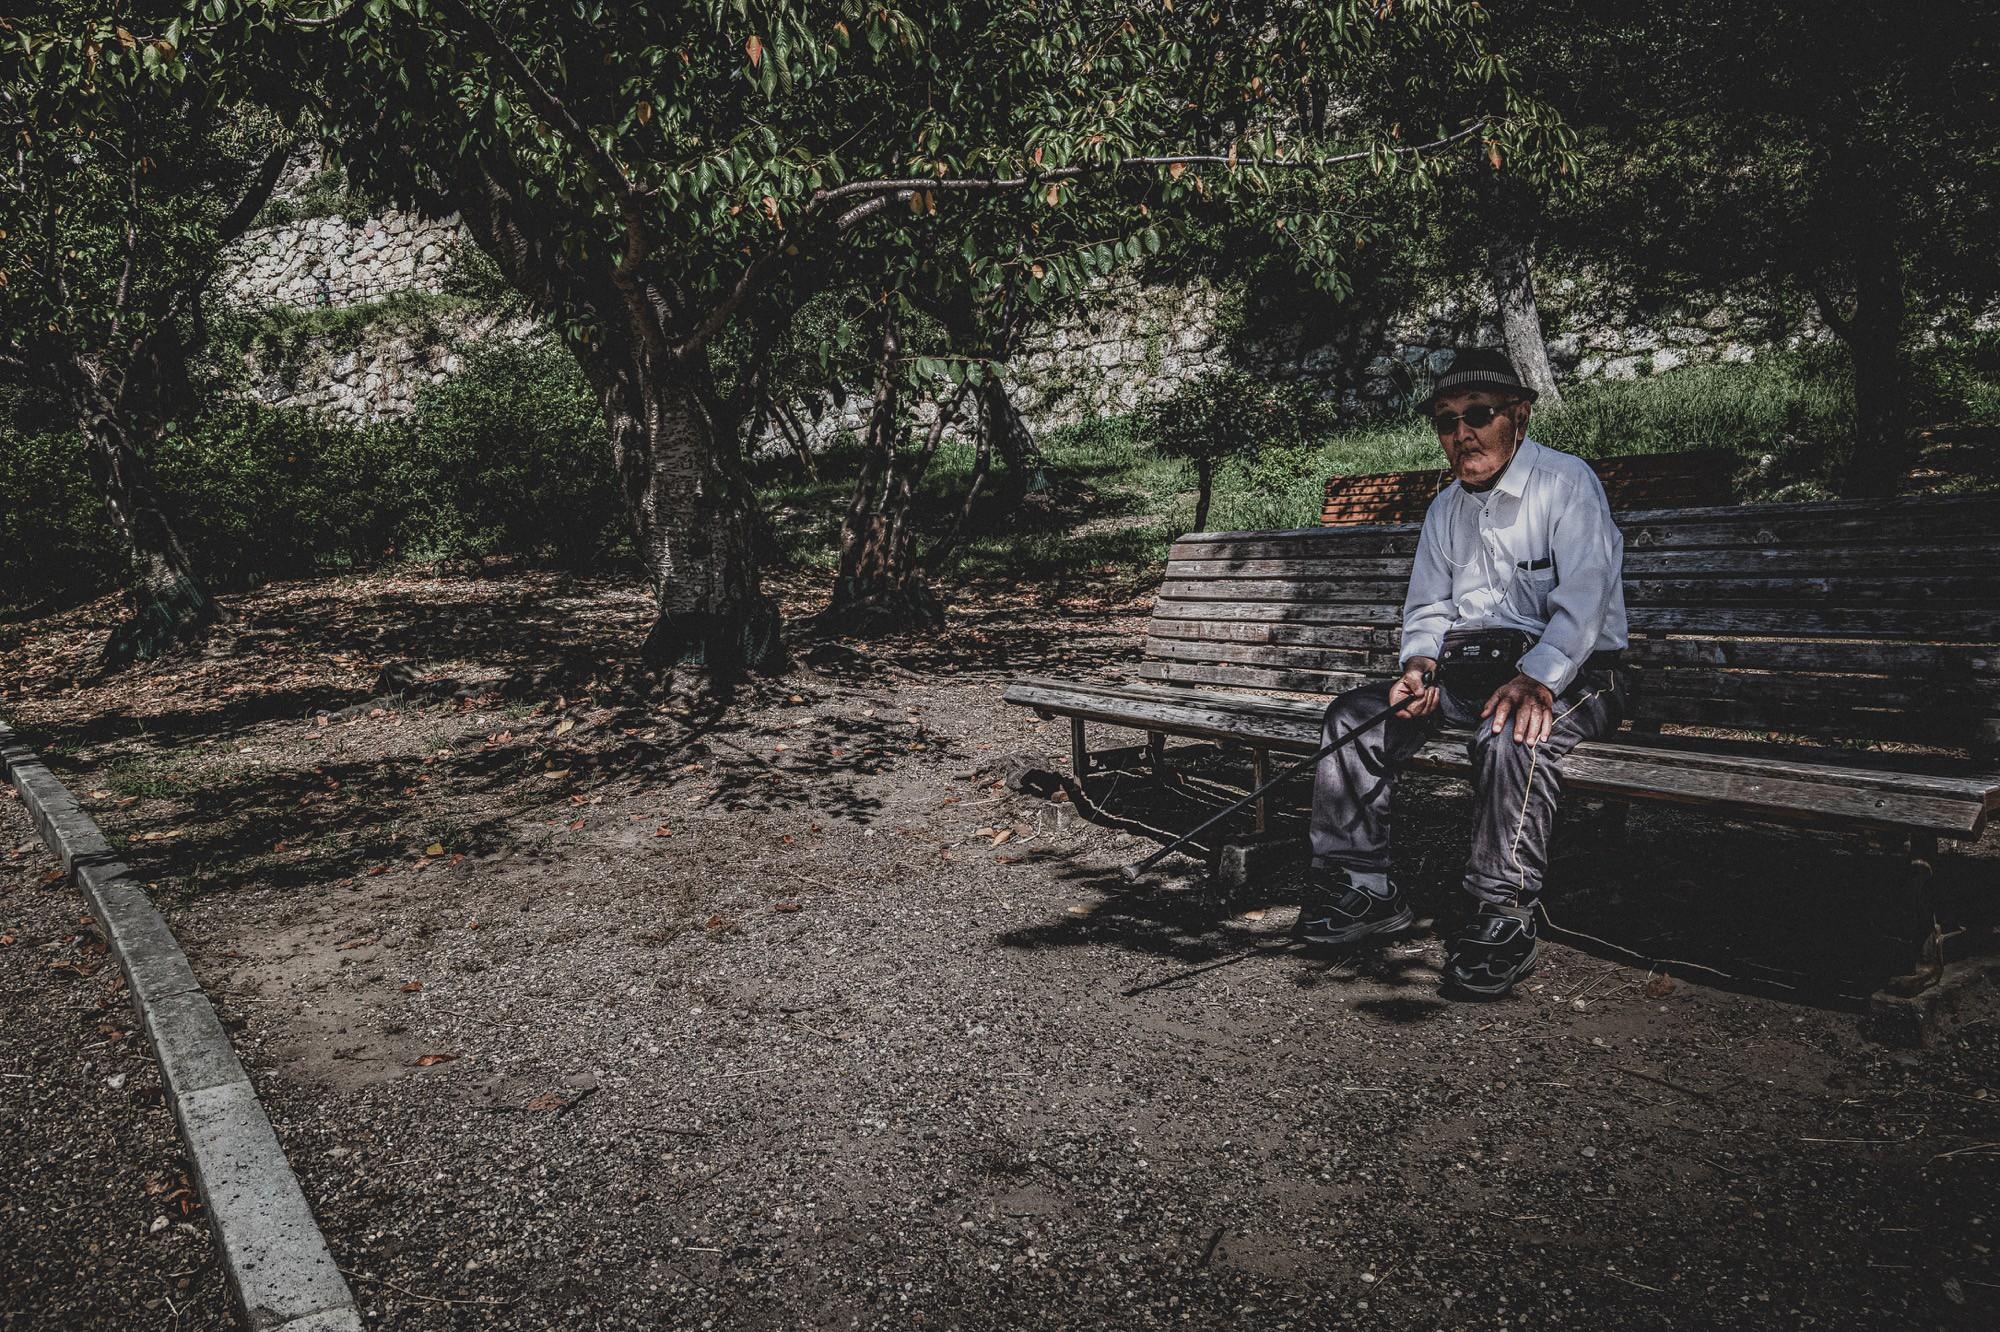 Vak holokauszt-túlélőtől 48 millió forintnyi pénzt lopott el ápolója